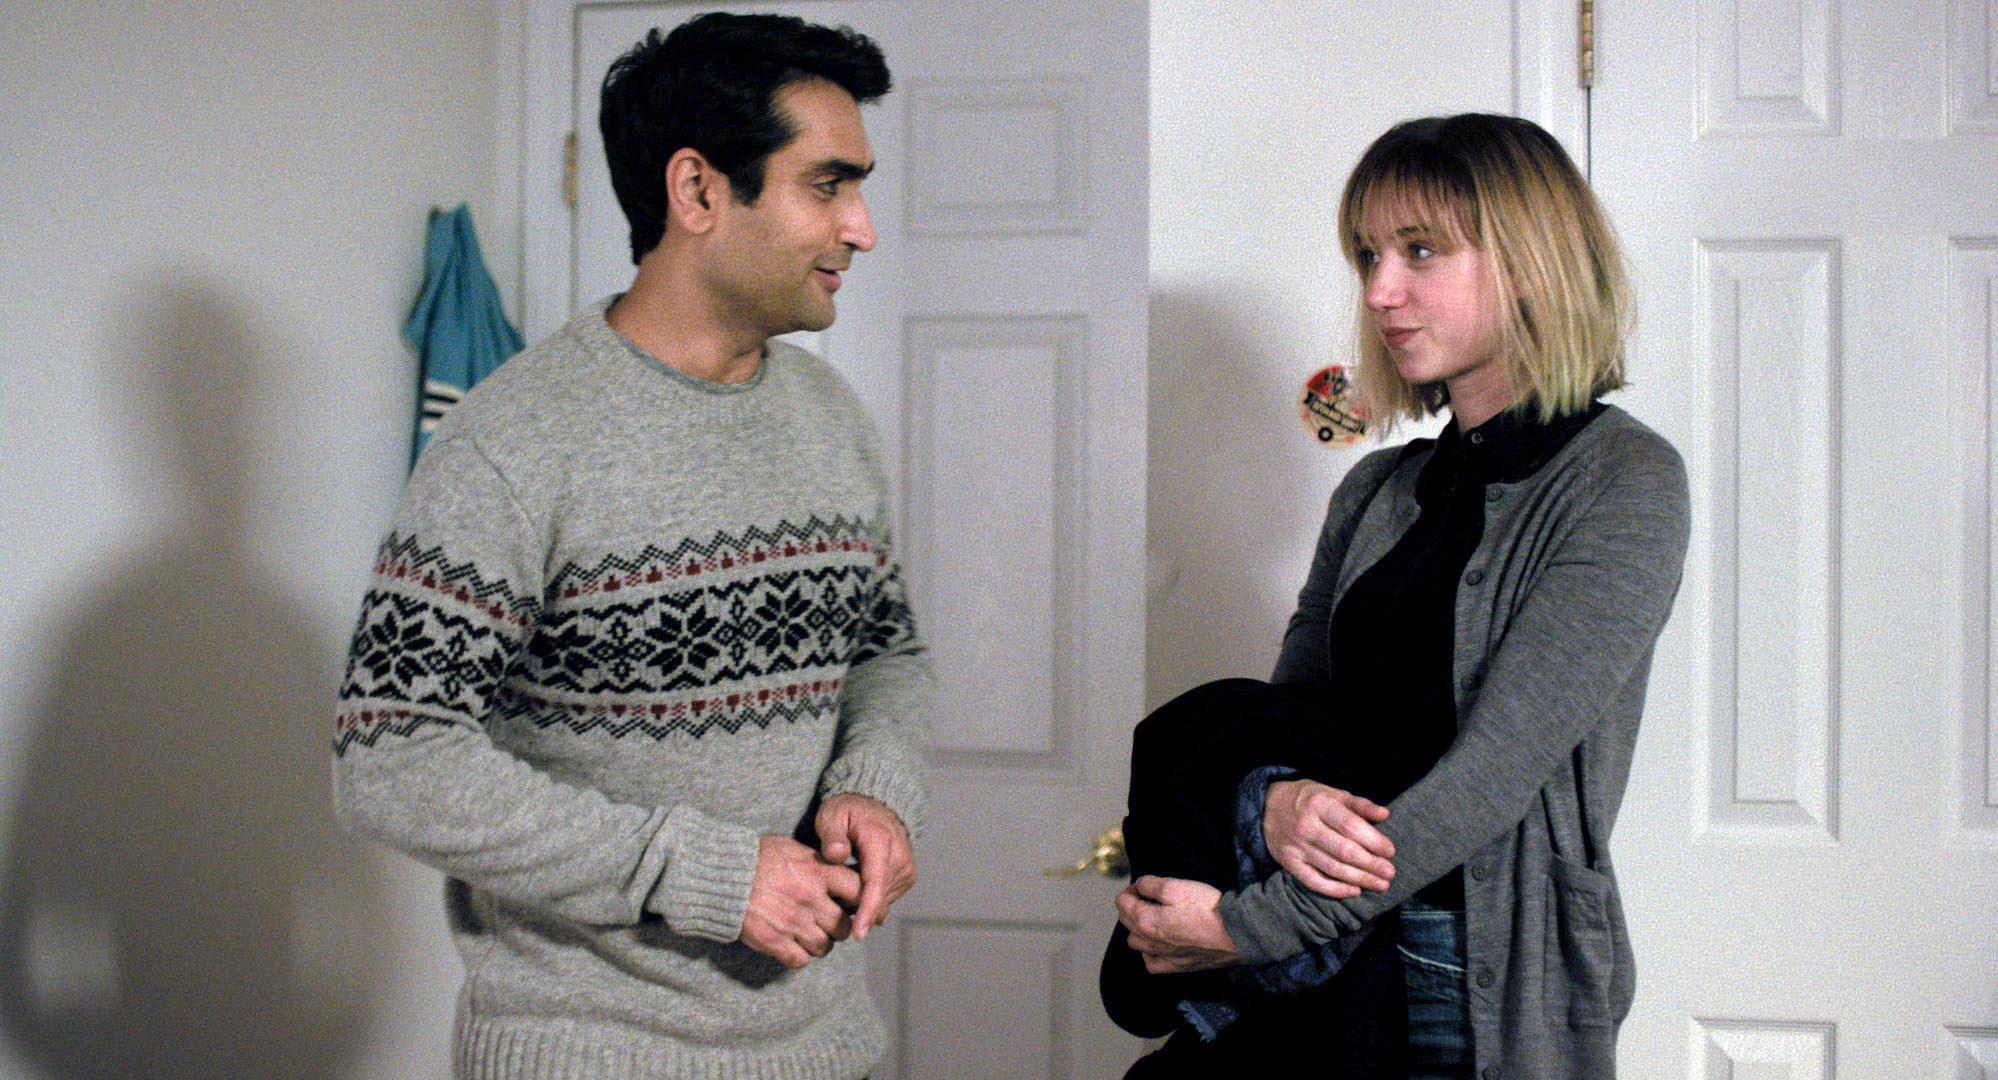 Kumail Nanjiana and Zoe Kazan talk